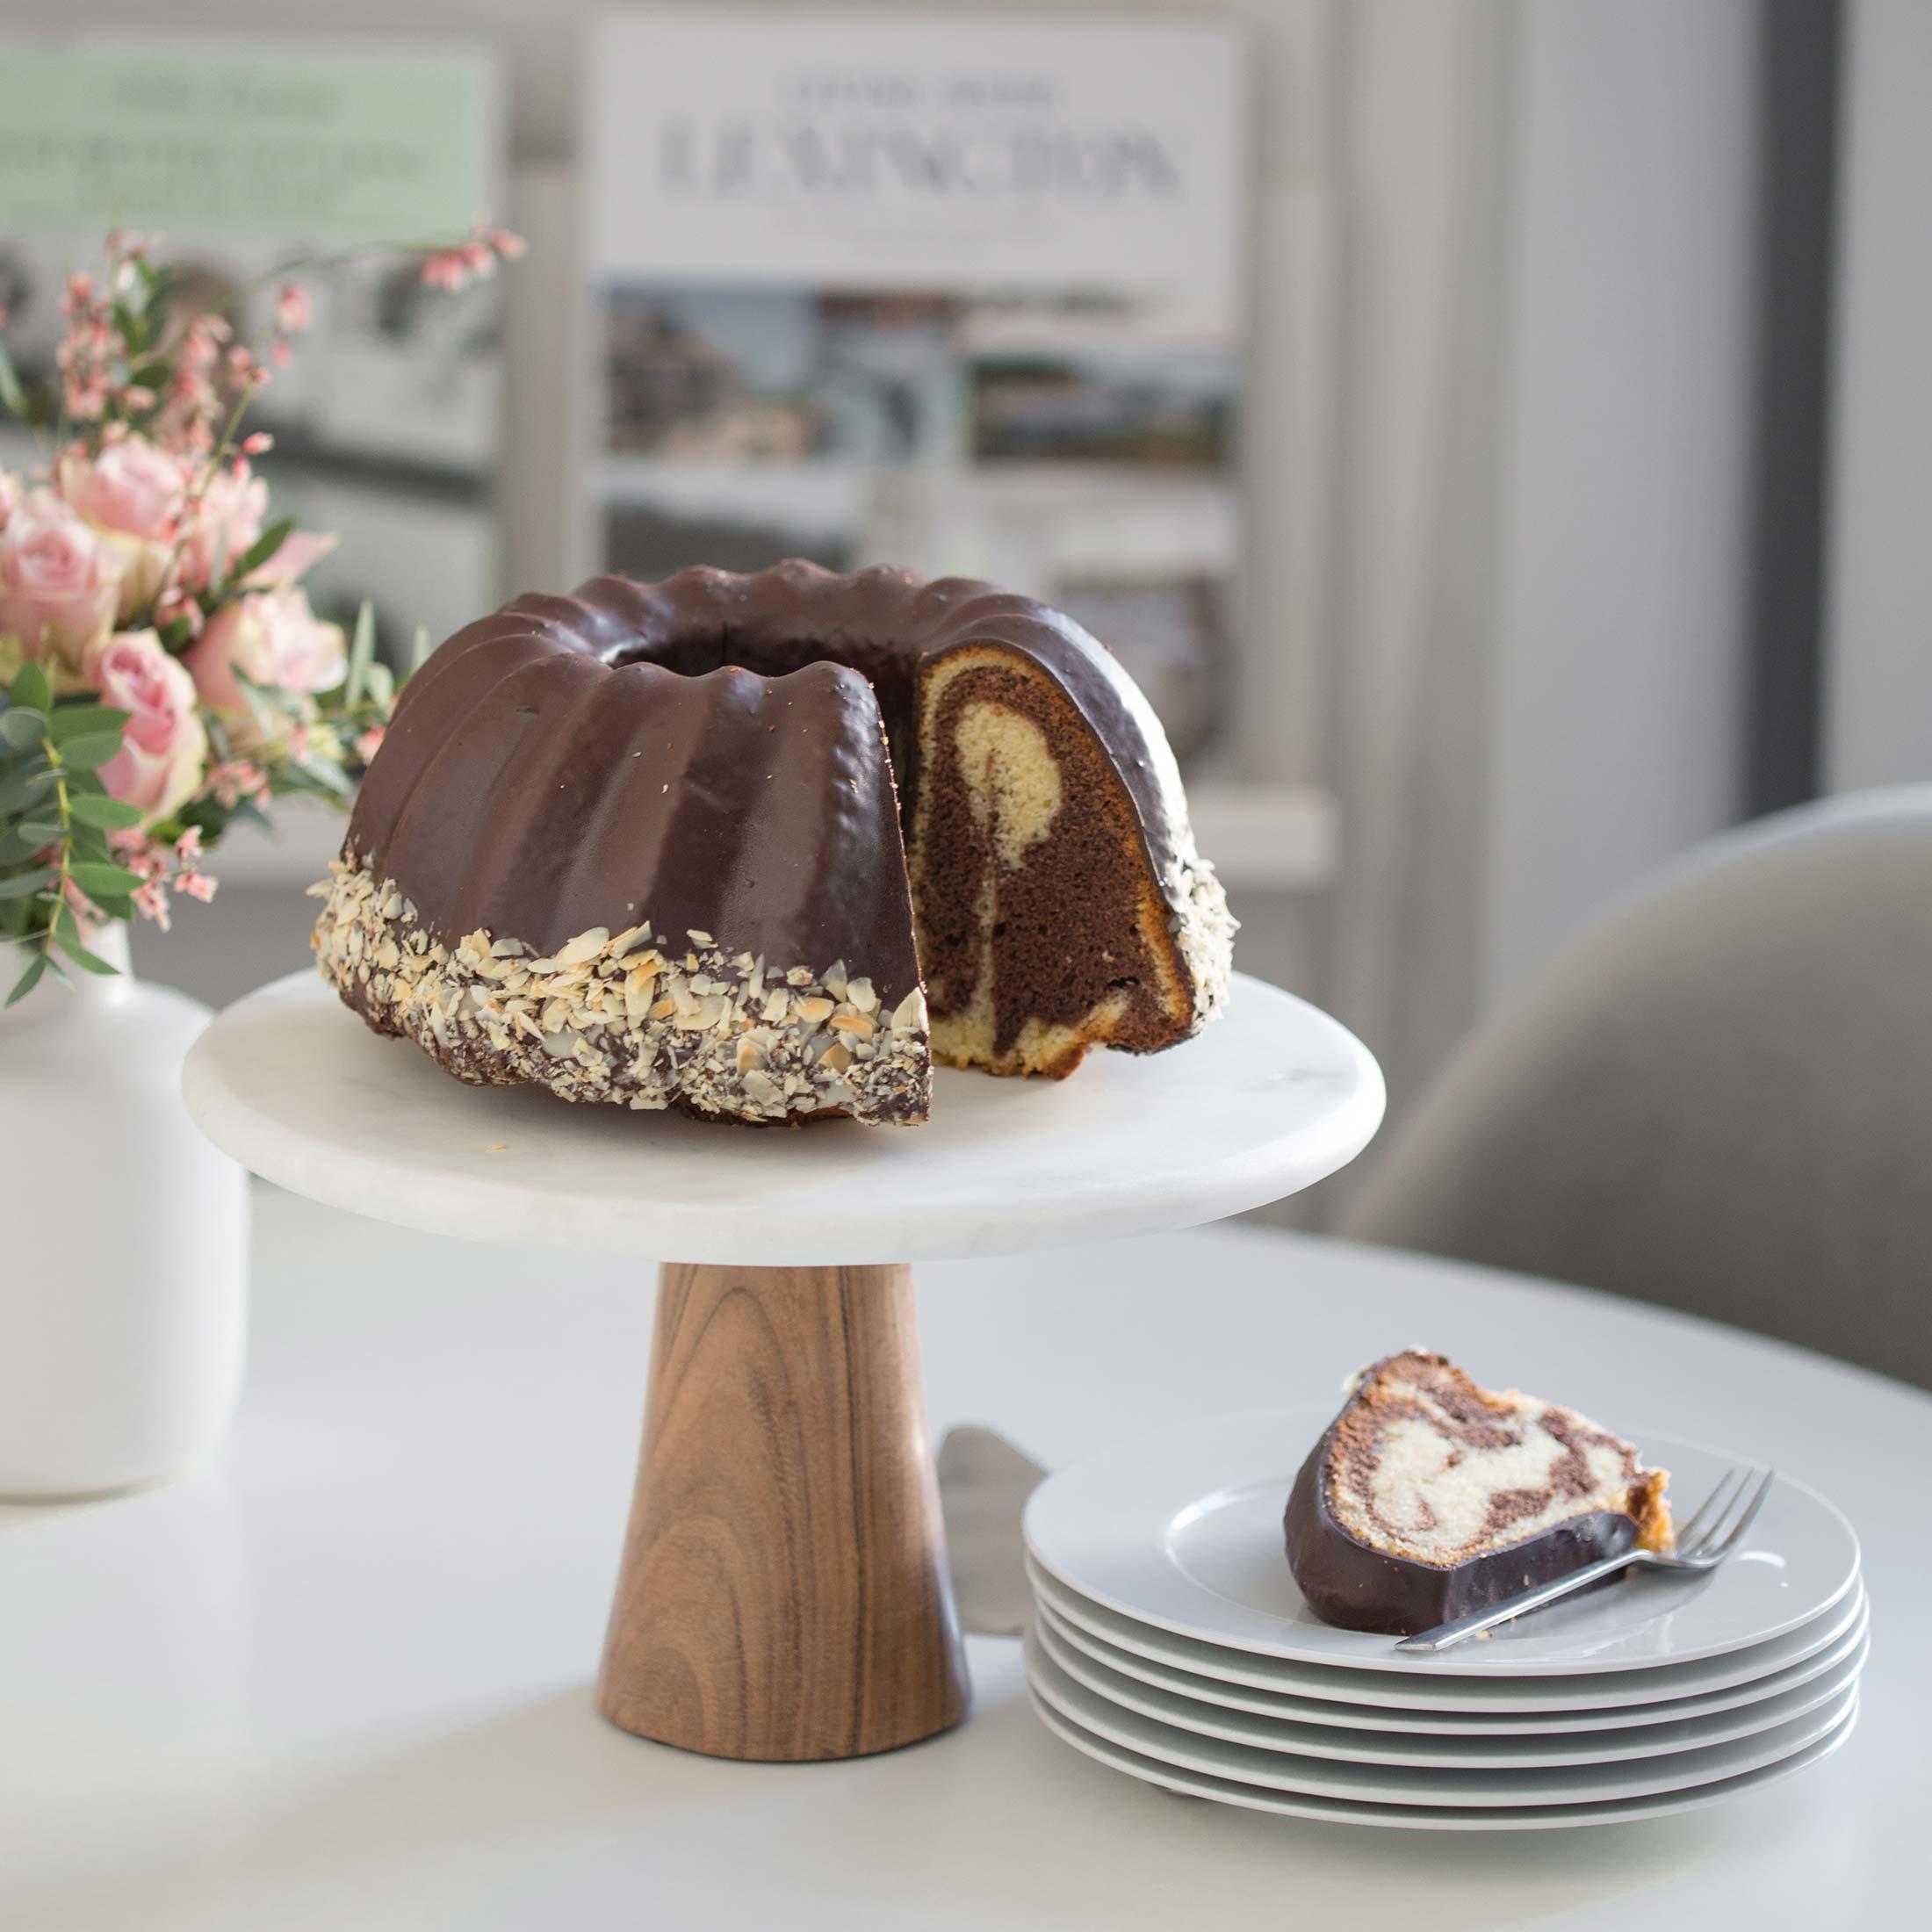 Tortenständer aus Marmor im skandinavischen Design von Be Home für die Präsentation von Kuchen und Torten. Tortenständer mit 28,5 cm Durchmesser mit weißer Marmorplatte